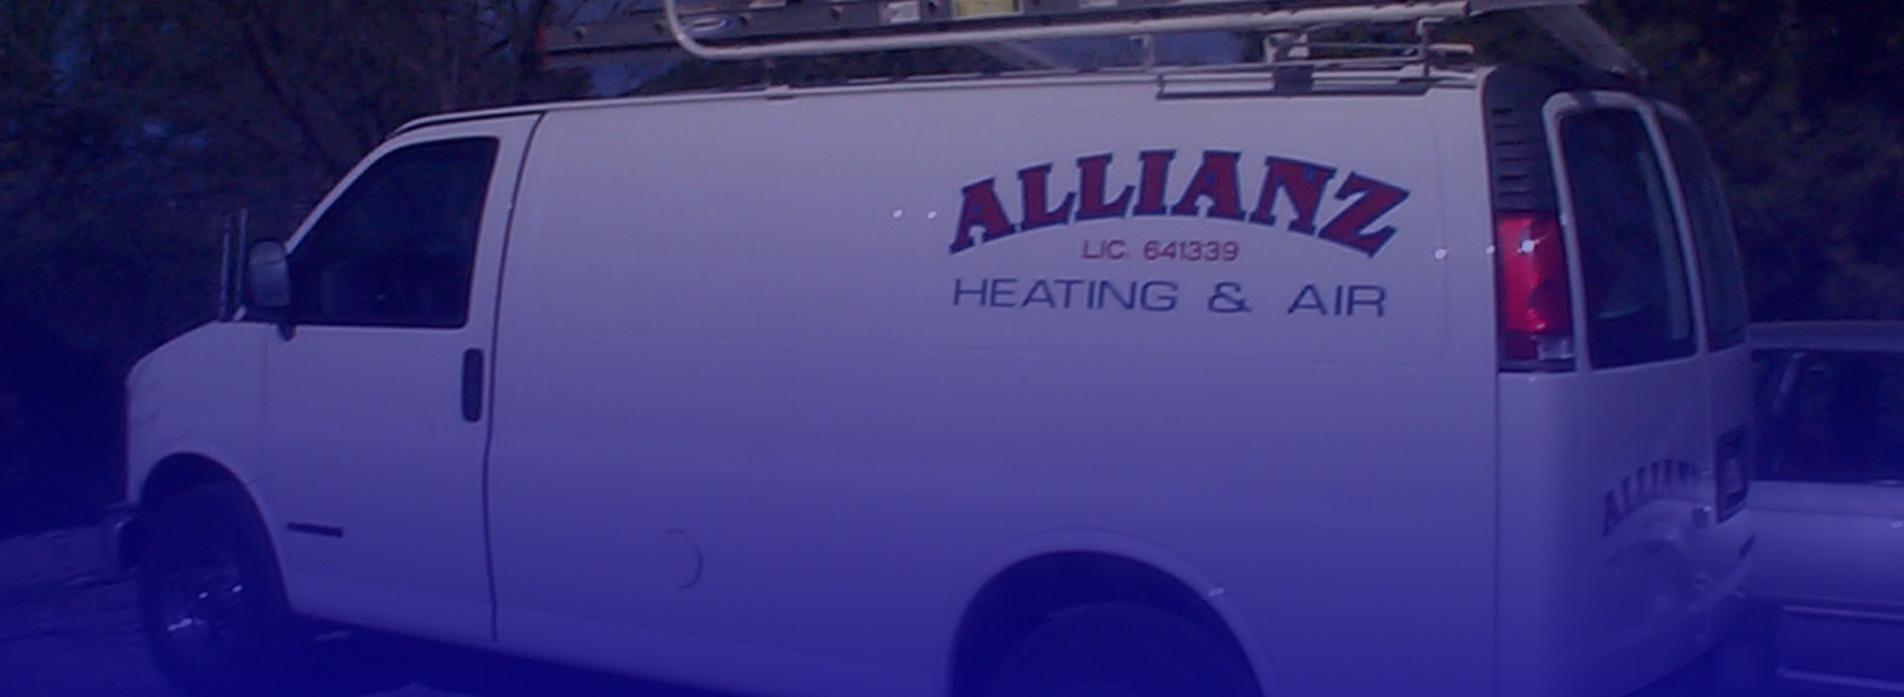 Allianz Truck